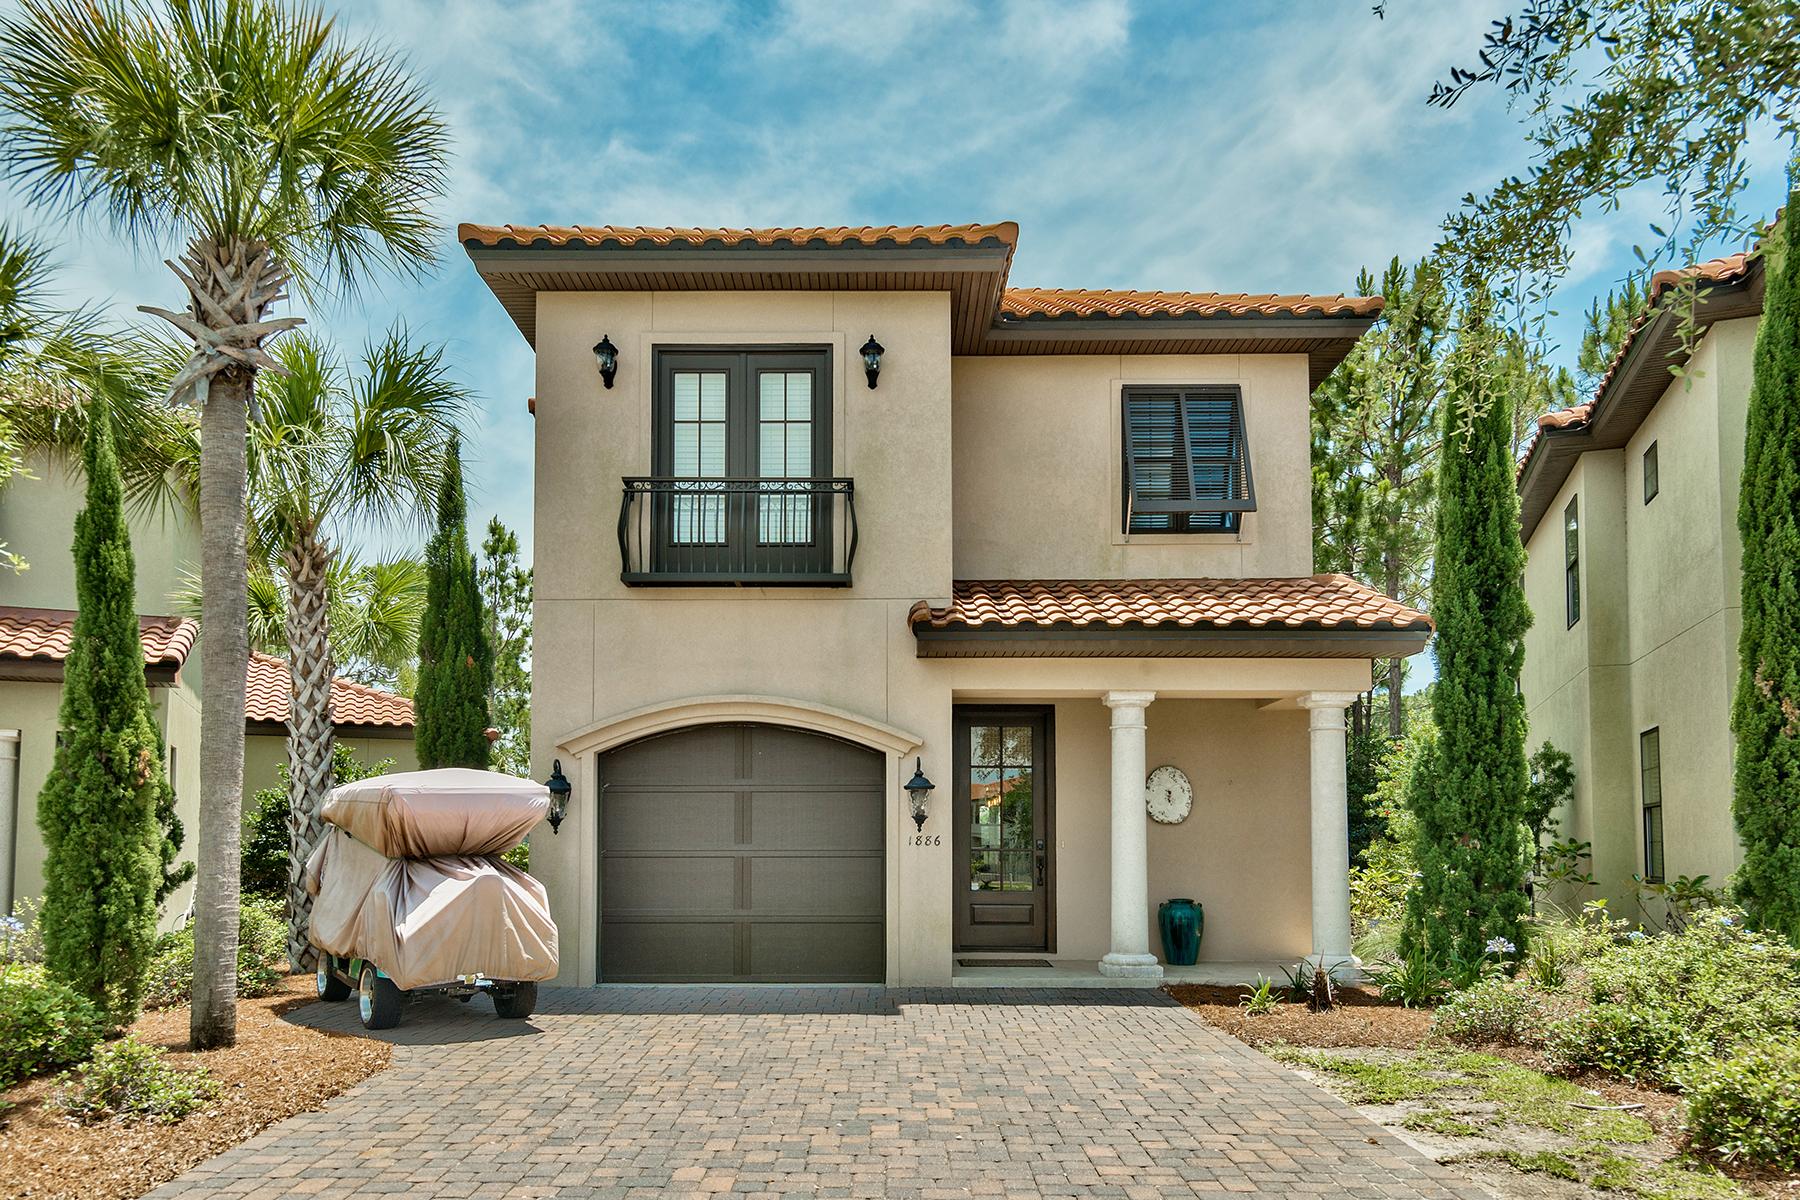 Частный односемейный дом для того Продажа на NATURAL INTERIOR DECOR COMPLIMENTS BEAUTIFUL OUTDOOR LIVING ON GOLF COURSE 1886 Baytowne Loop Miramar Beach, Флорида, 32550 Соединенные Штаты